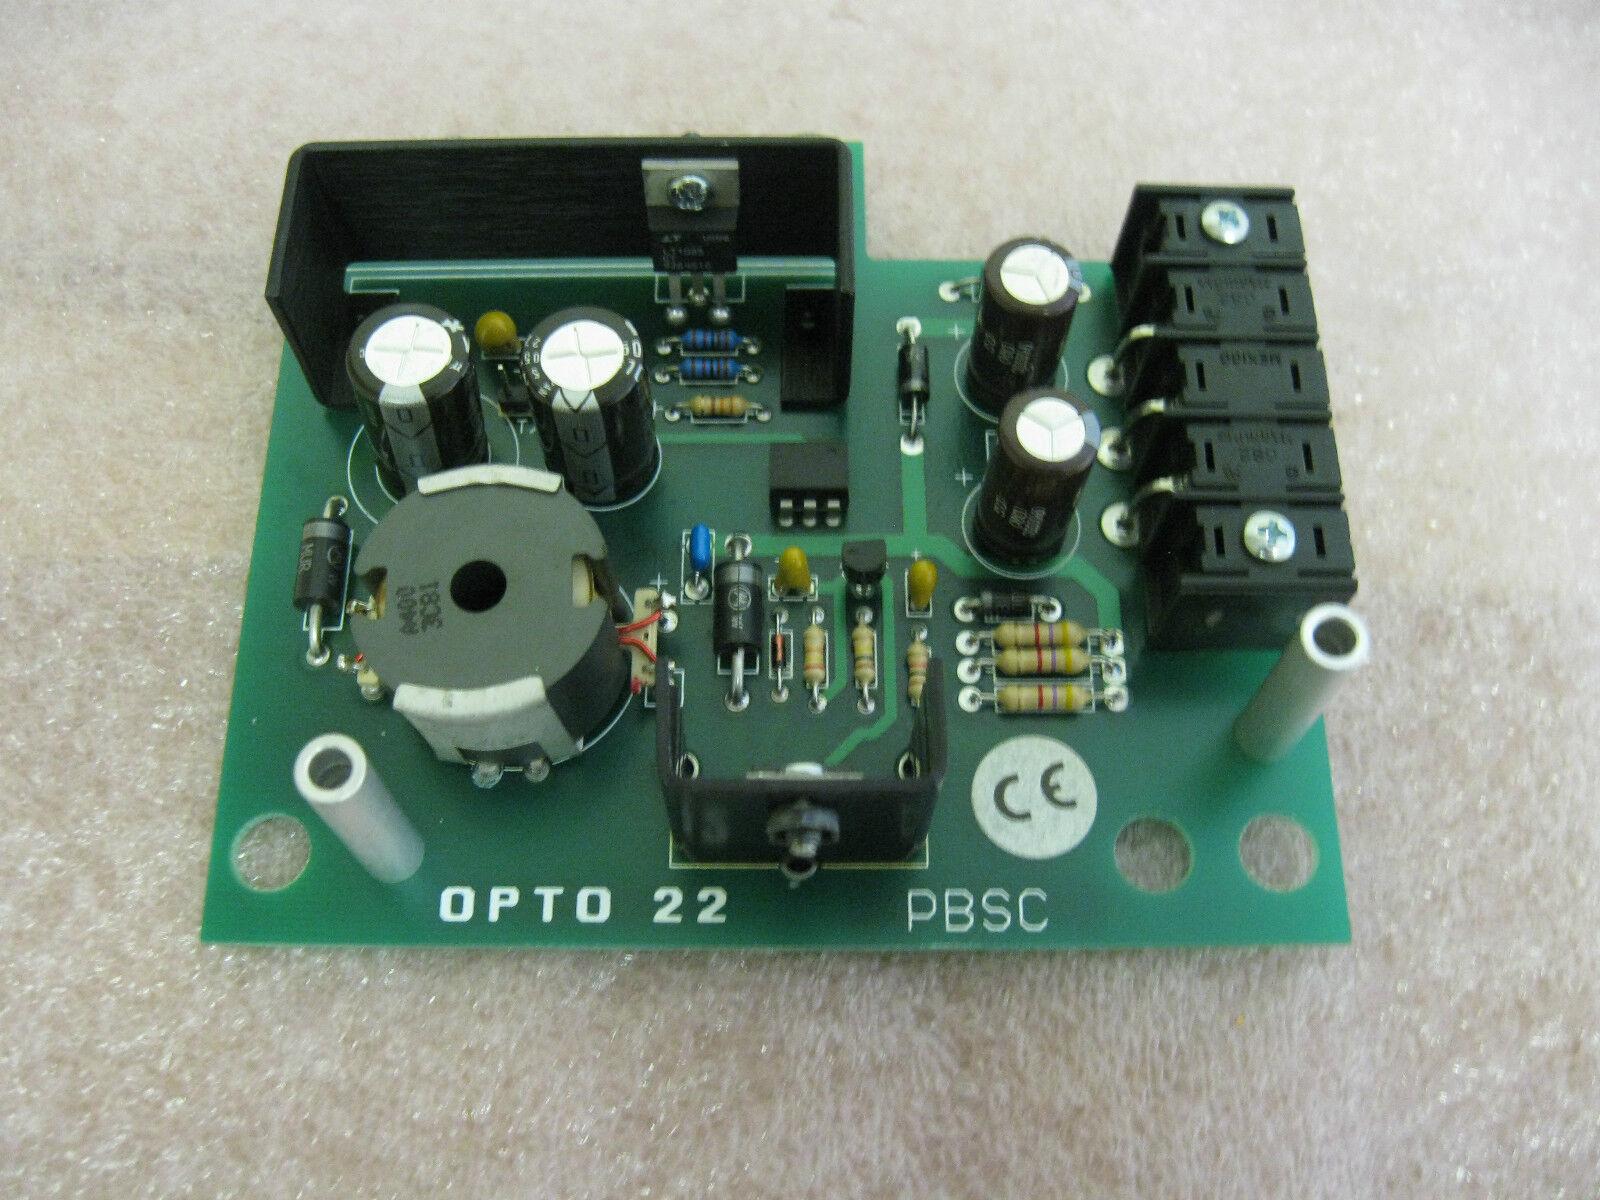 Opto 22 22 22 pbsc fuente de alimentación 33e63d